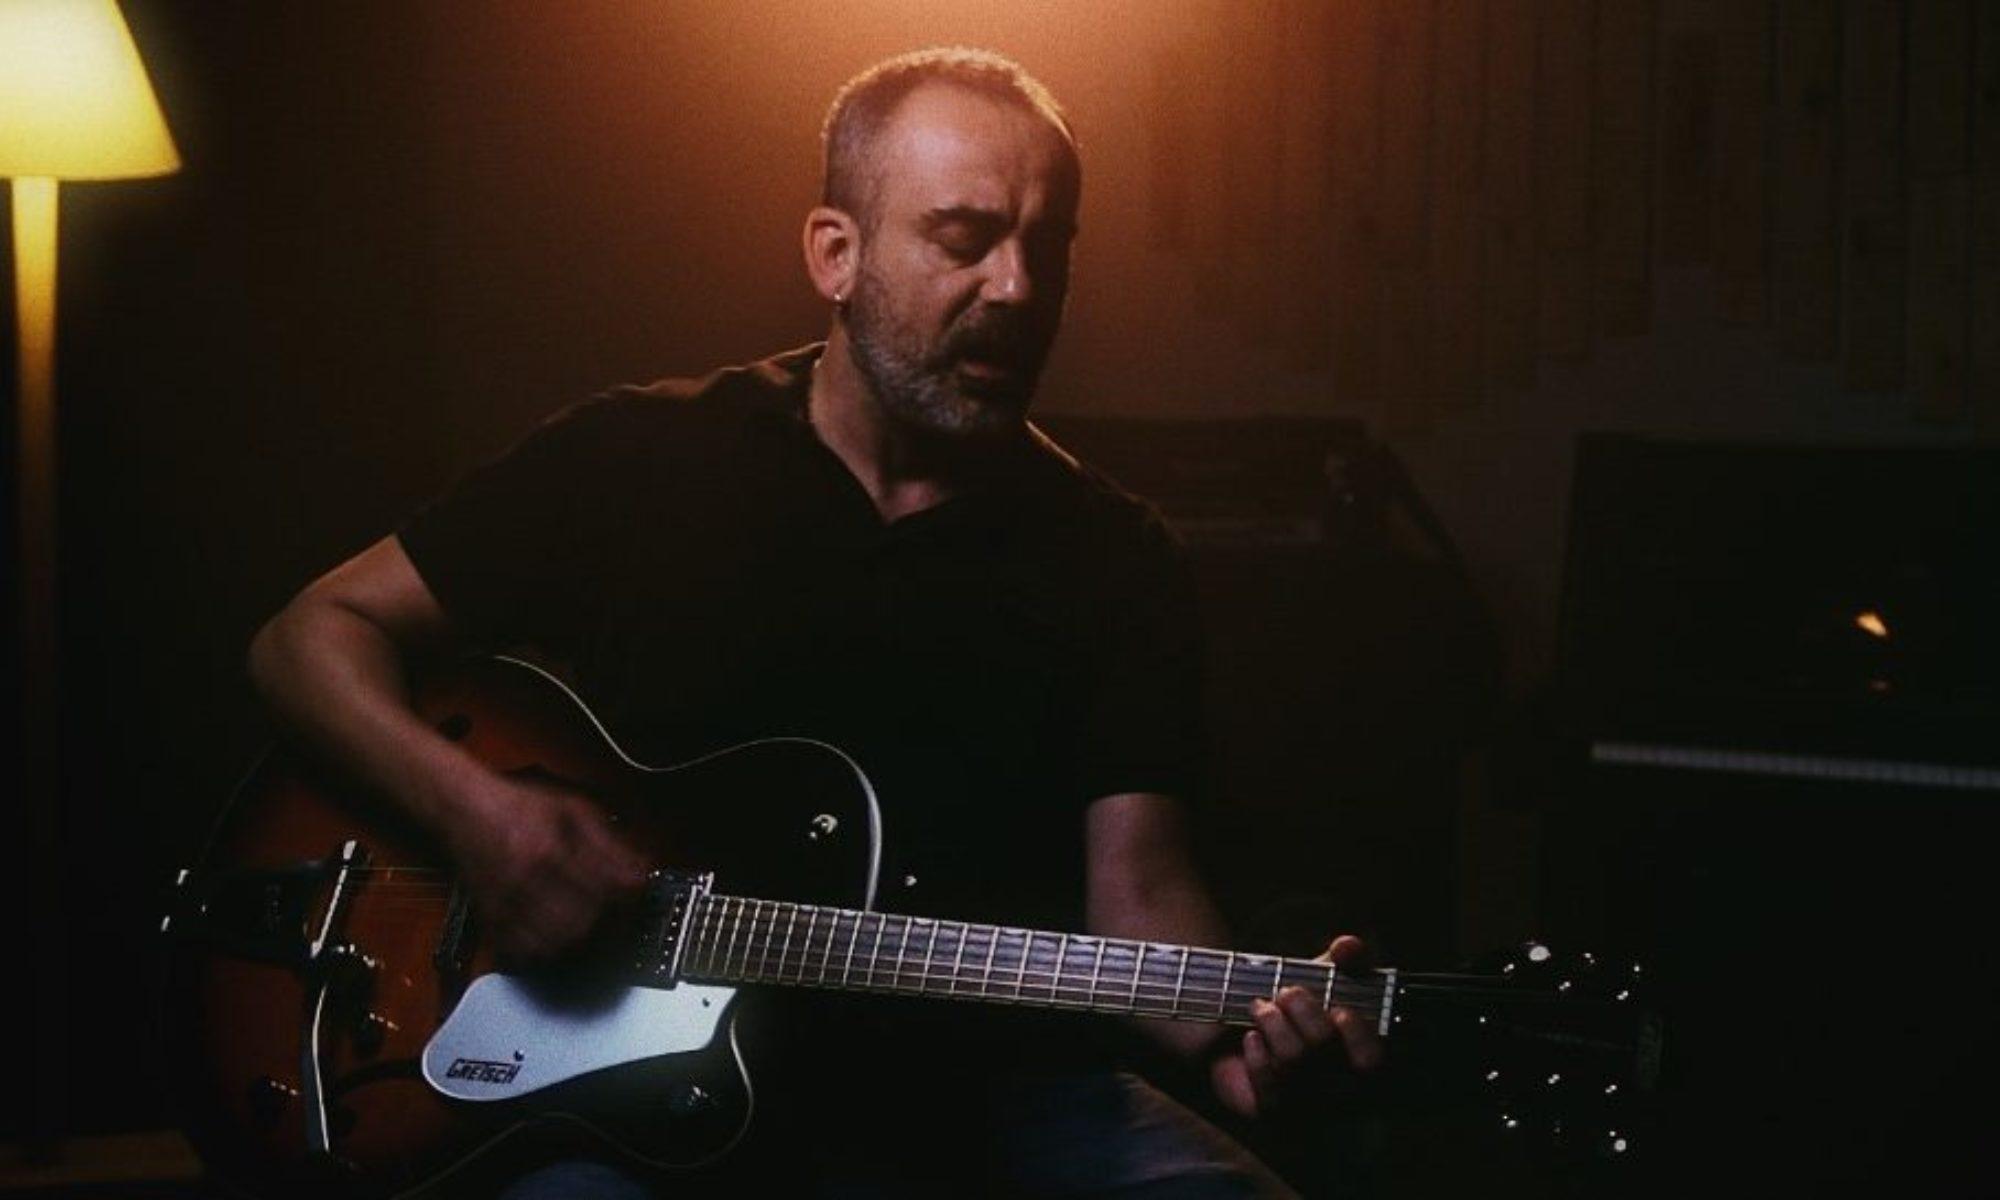 Marcello Parrilli